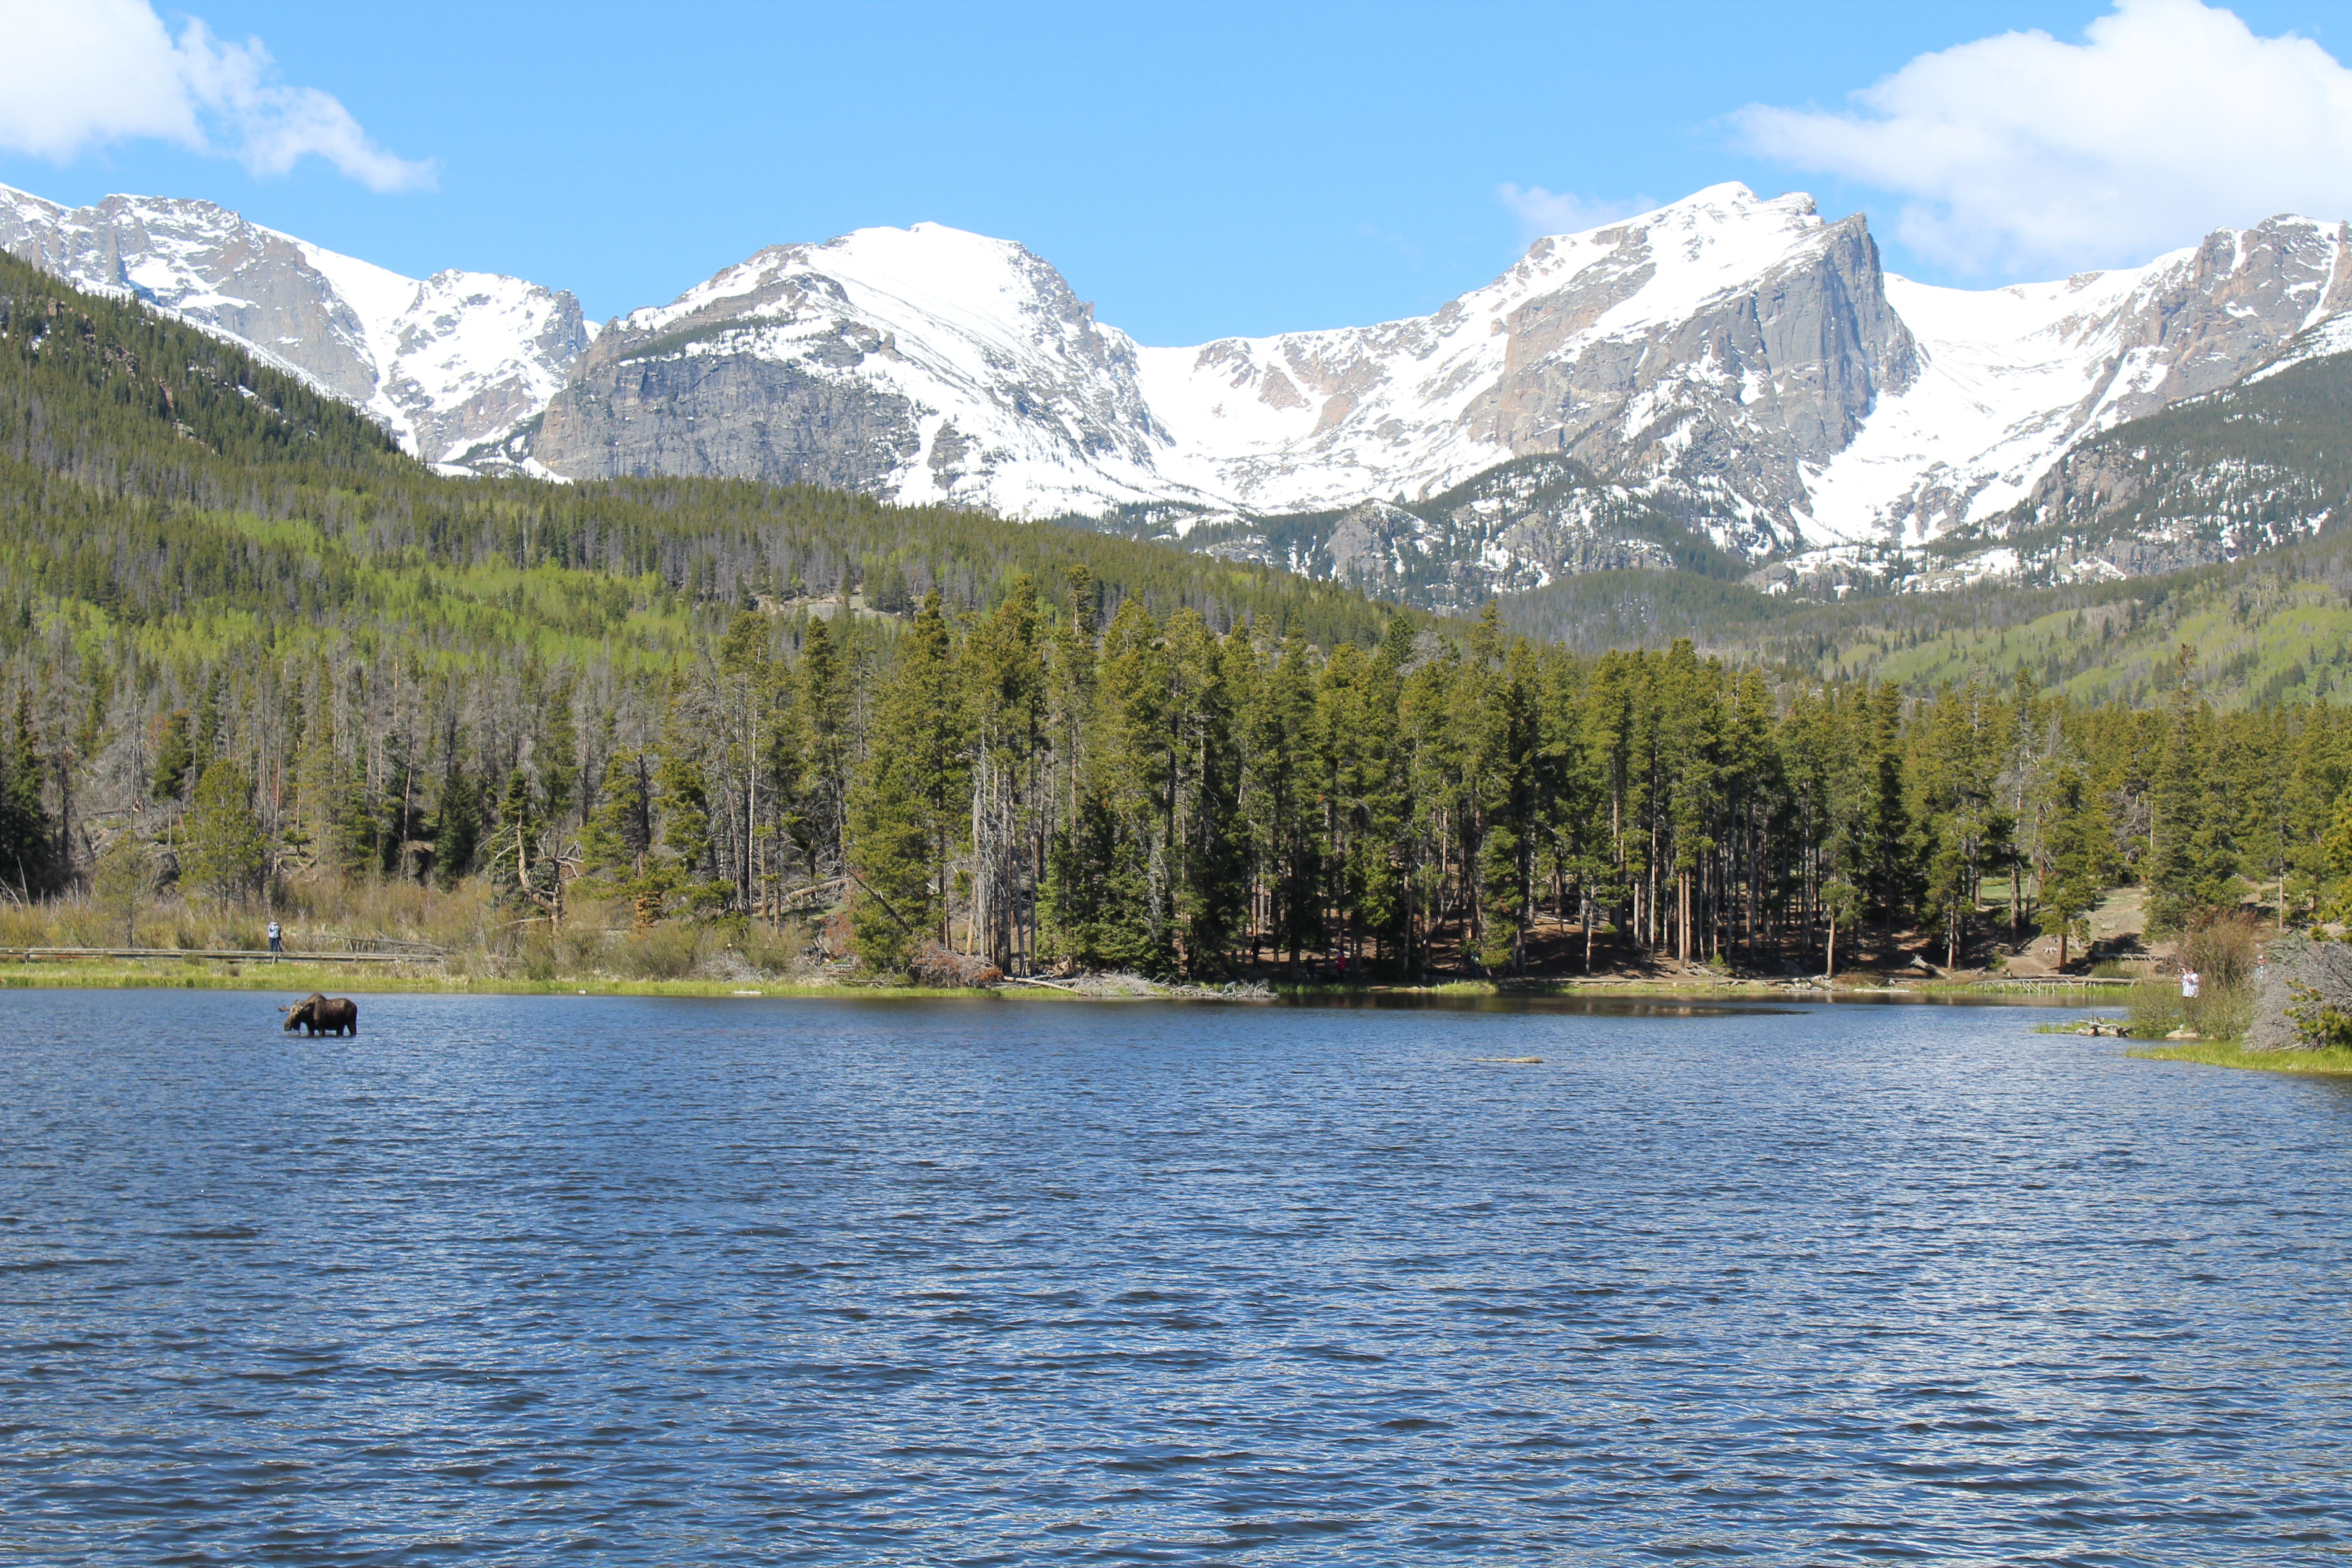 Moose at Sprague Lake in Rocky Mountains